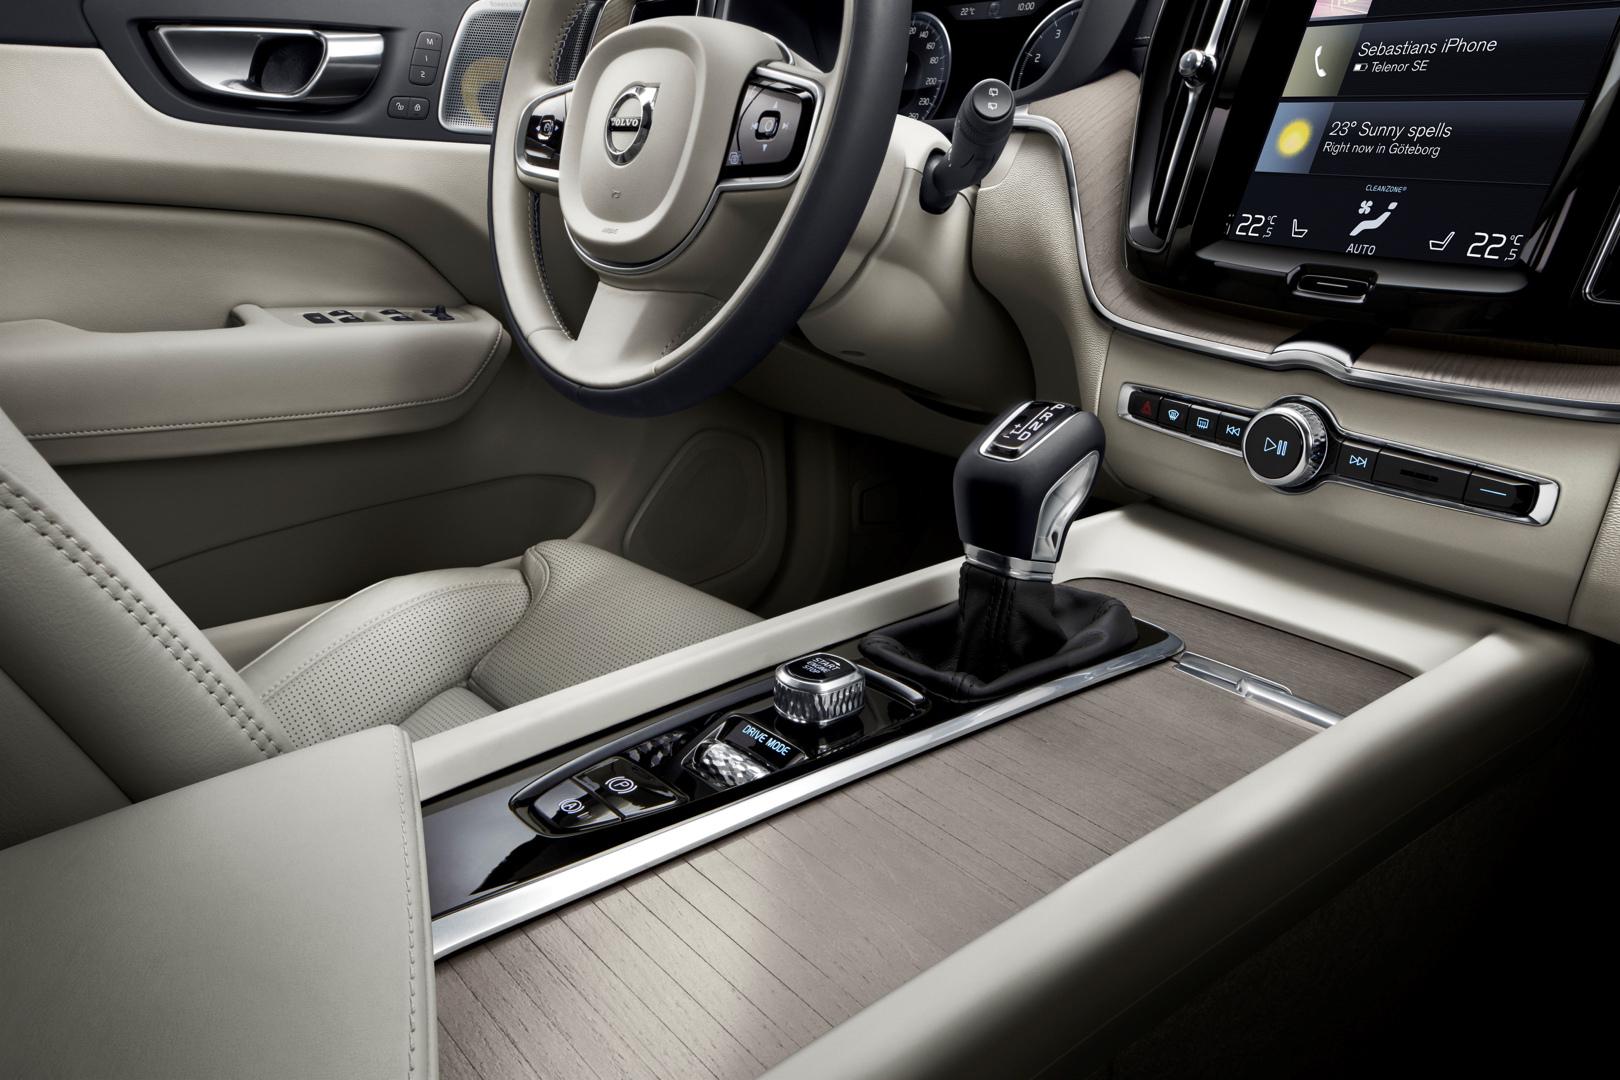 205057_The_new_Volvo_XC60